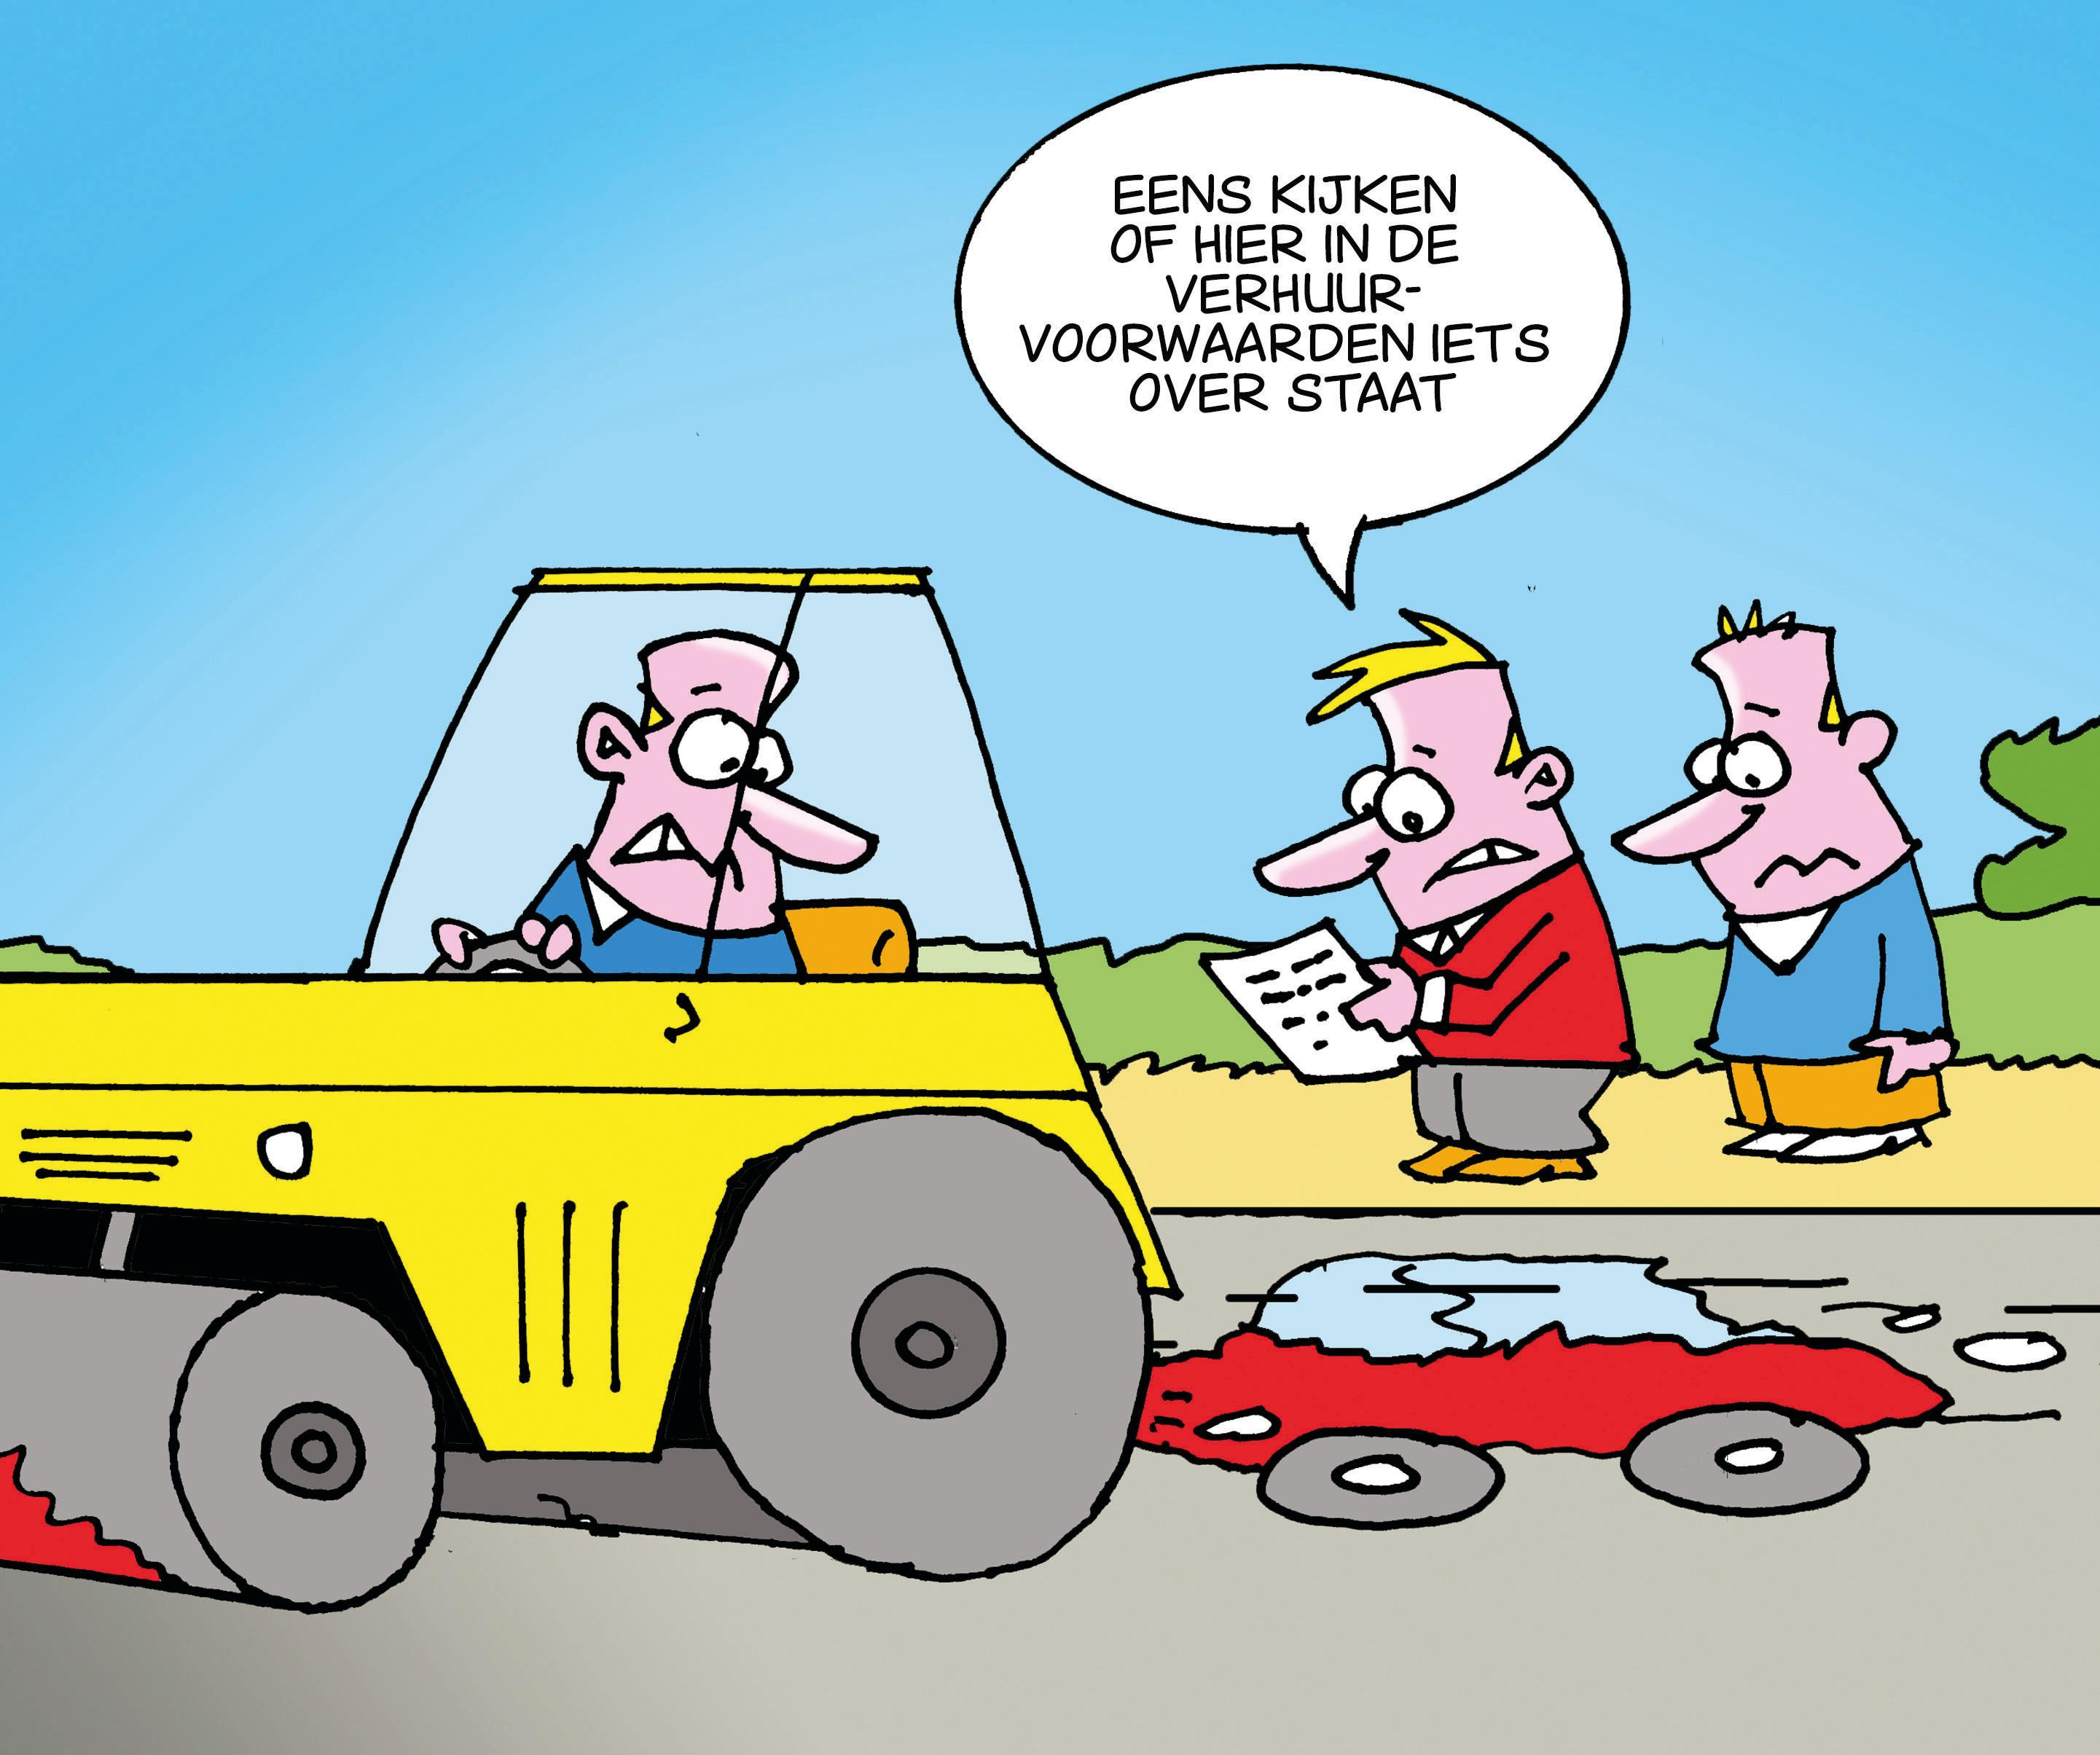 Wie betaalt de schade aan de huurauto van Jan Meijs? Hijzelf